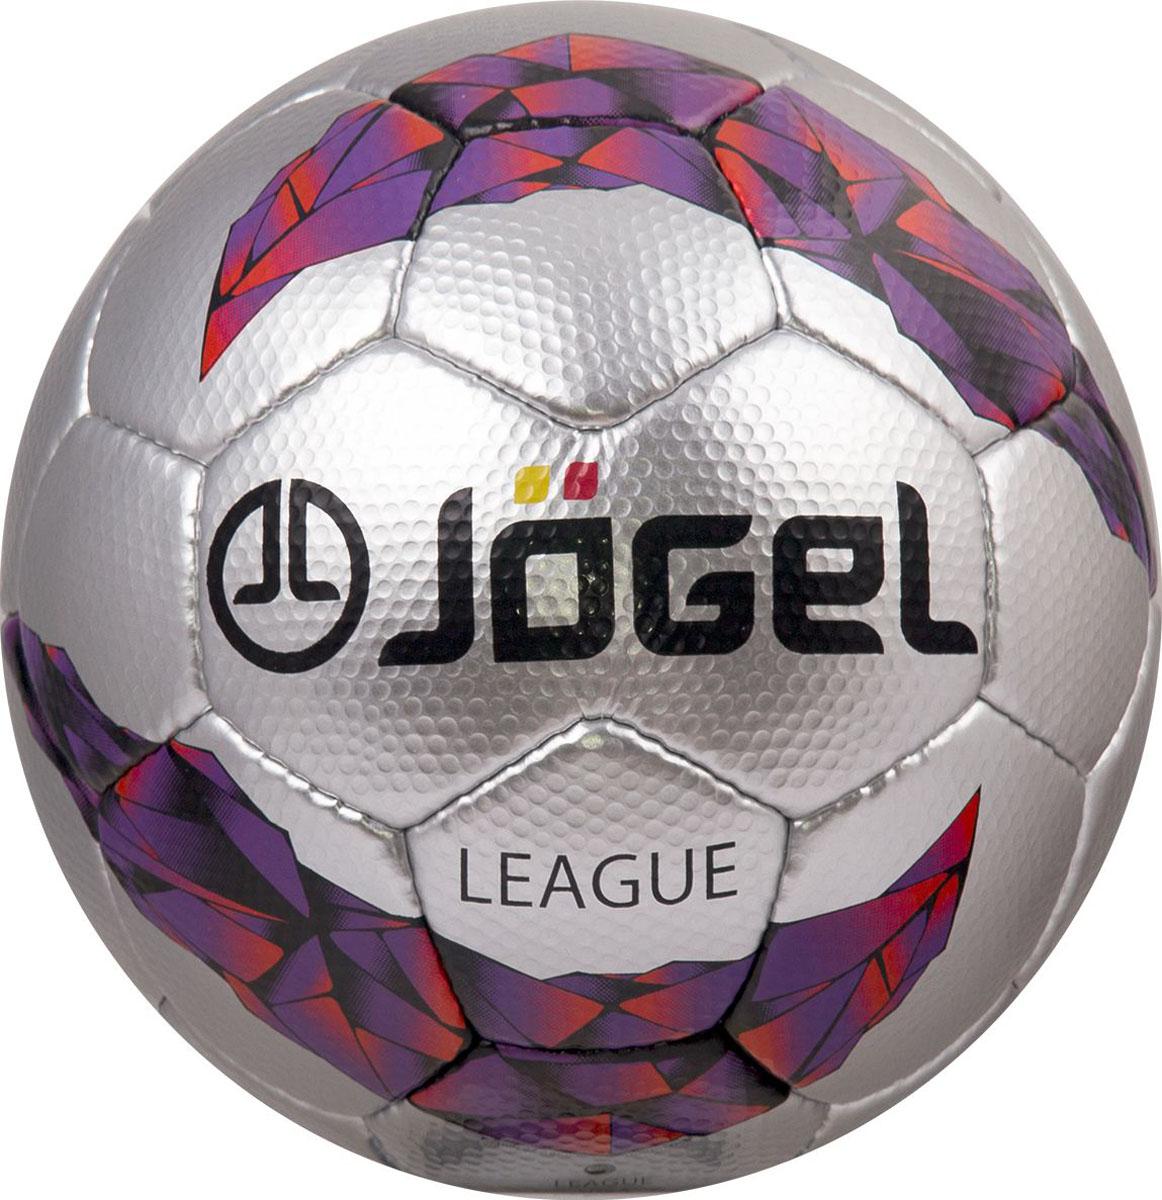 Мяч футбольный Jogel League, цвет: серый. Размер 5. JS-1300УТ-00009689Название: Мяч футбольный Jogel JS-1300 League №5Категория: Матчевый мячКоллекция: 2016/2017Описание: Jogel JS-1300 League – превосходный мяч ручной сшивки матчевого уровня, соответствующий всем требованиям FIFA к мячам данного класса. Благодаря высококлассному японскому материалу покрышки мяча, обладающему специальными углублениями, происходит более плотный контакт и акцентированное сцепление мяча с обувью игрока, что позволяет улучшать контроль мяча во время игры. Данный мяч рекомендован для игр клубов среднего уровня, а также проведения тренировок и игр профессиональных команд. Поверхность мяча выполнена из текстурной синтетической кожи (полиуретан) японского производства на основе микрофибры толщиной 1,8 мм. Мяч имеет 4 подкладочных слоя на нетканой основе (смесь хлопка с полиэстером) и оснащен латексной камерой с бутиловым ниппелем, обеспечивающим долгое сохранение воздуха в камере.Уникальной особенностью, характерной для бренда Jogel, является традиционная конструкция мячей из 30 панелей. Привлекательный дизайн Коллекции 2016/2017 ярко выделяет мячи Jogel на витрине. Данный мяч подходит для поставок на гос. тендеры. При производстве мячей Jogel не используется детский труд. Официальный размер и вес FIFA.Рекомендованные покрытия: натуральный газон, синтетическая траваМатериал поверхности:Синтетическая кожа (полиуретан) толщиной 1,8 ммМатериал камеры: ЛатексТип соединения панелей: Ручная сшивкаКоличество подкладочных слоев: 4Количество панелей: 30Размер: 5Вес: 410-450 гр.Длина окружности: 68-70 смРекомендованное давление: 0.6-0.8 барОсновной цвет: серебряныйДополнительный цвет: фиолетовый, красный, черныйБренд: JogelСтрана бренда: ГерманияПроизводство: ПакистанВес брутто: 0.45 кг.